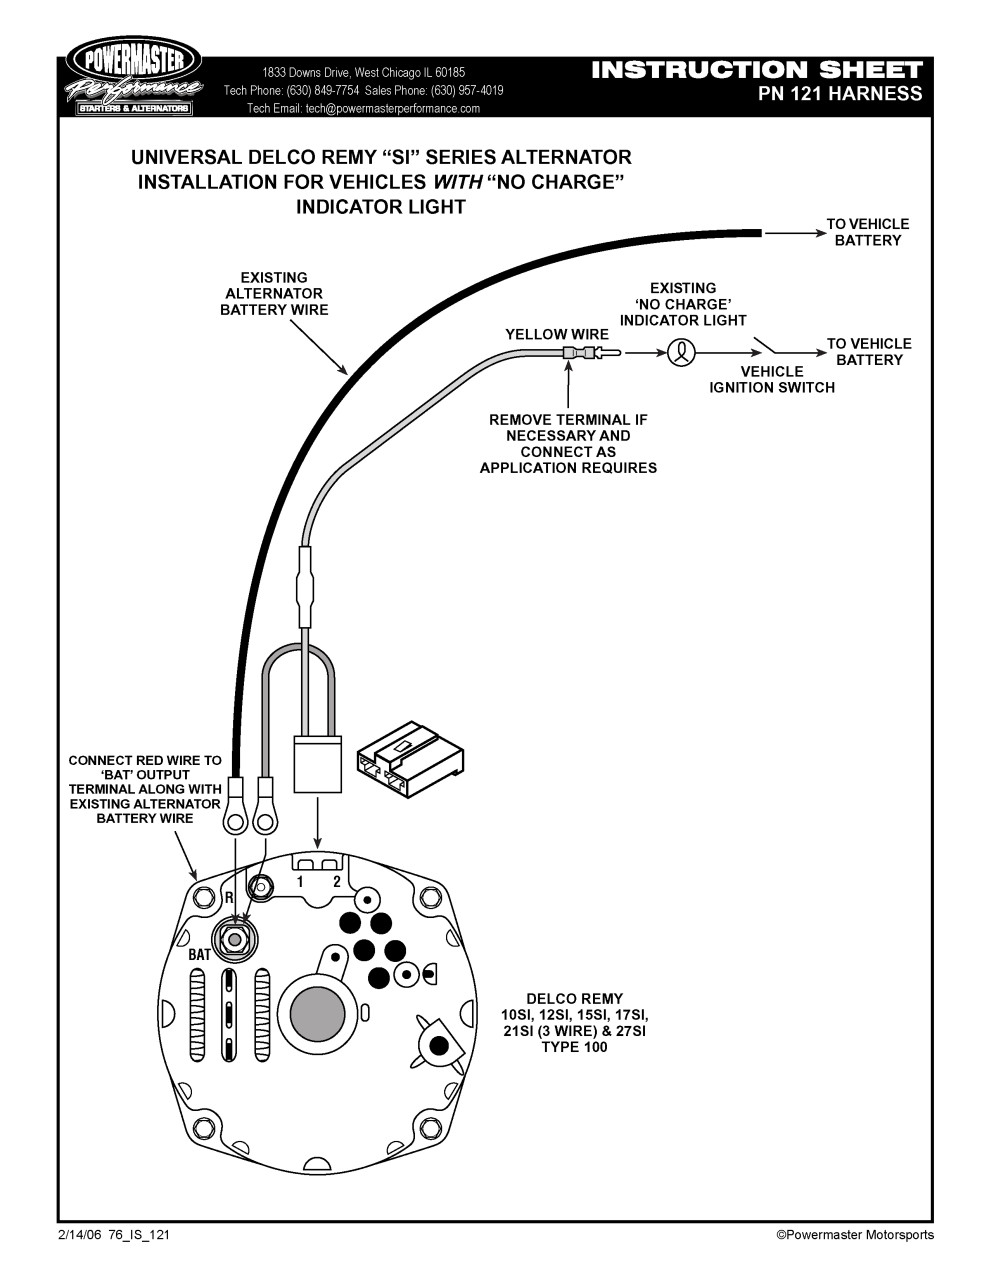 2 Wire Alternator Wiring Diagram : alternator, wiring, diagram, Alternator, Wiring, Diagram, -1995, Cherokee, Interior, Begeboy, Source